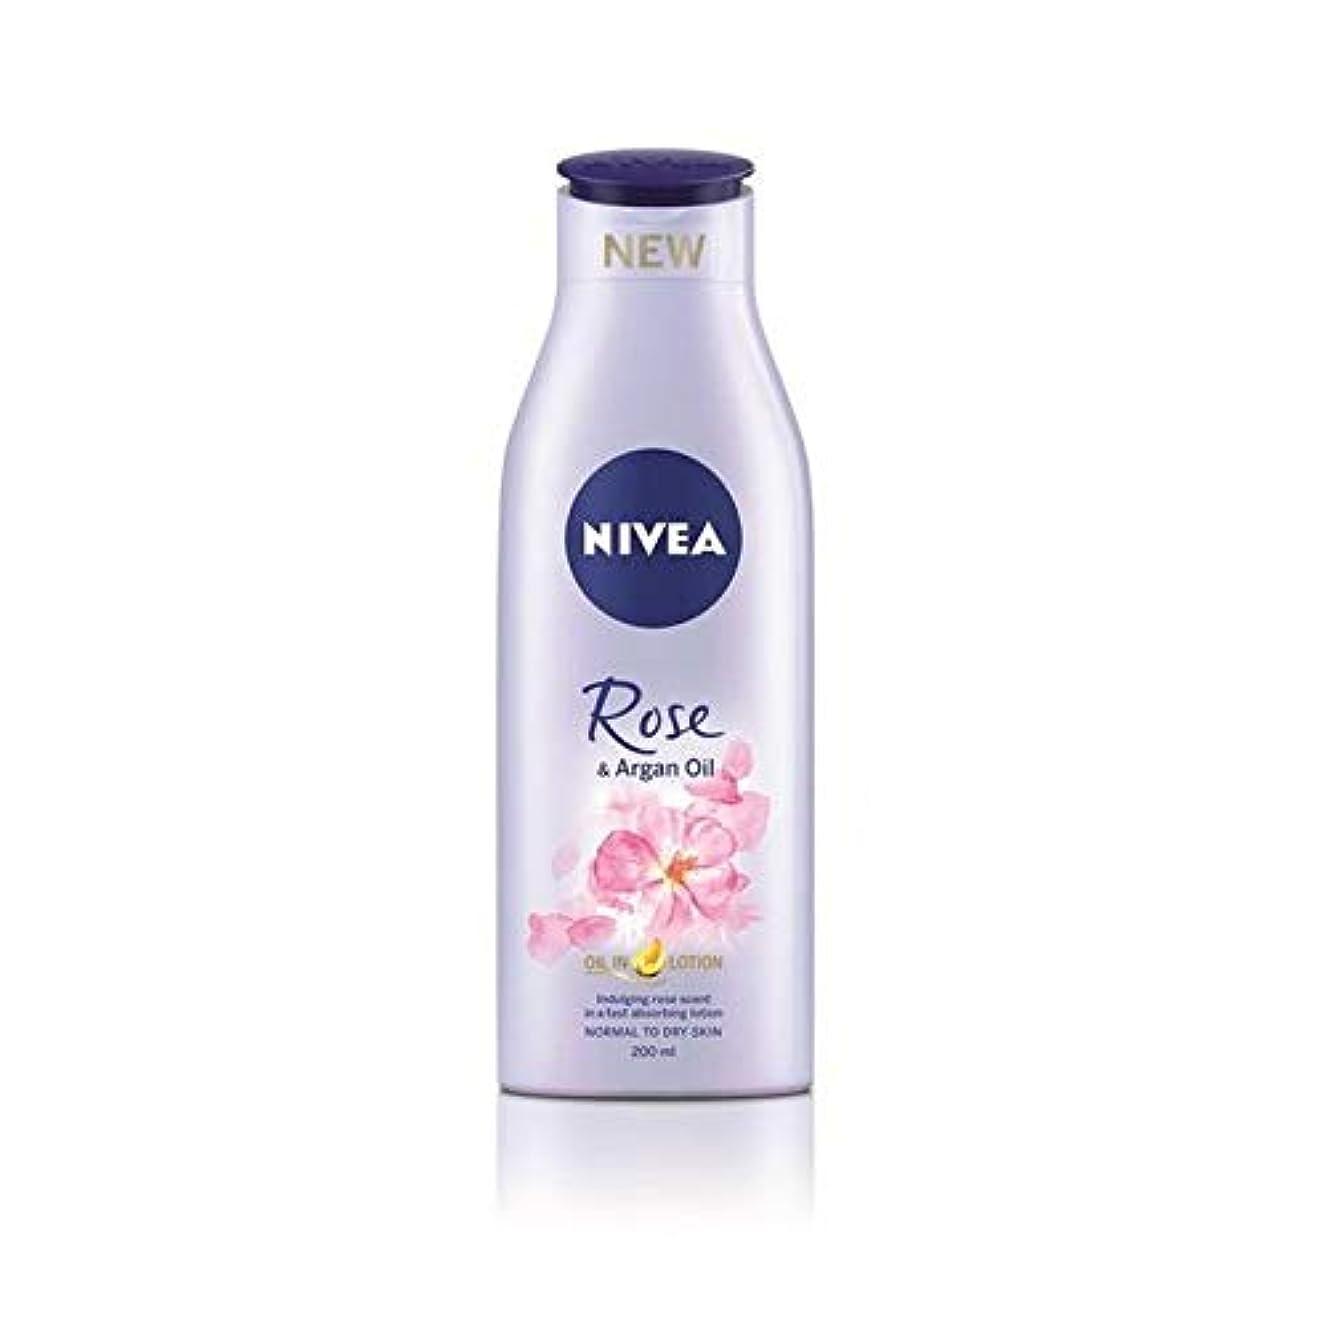 爆発物アラーム気味の悪い[Nivea ] ニベアは、ローズ&アルガンオイルボディローション200Ml - Nivea Rose & Argan Oil Body Lotion 200ml [並行輸入品]